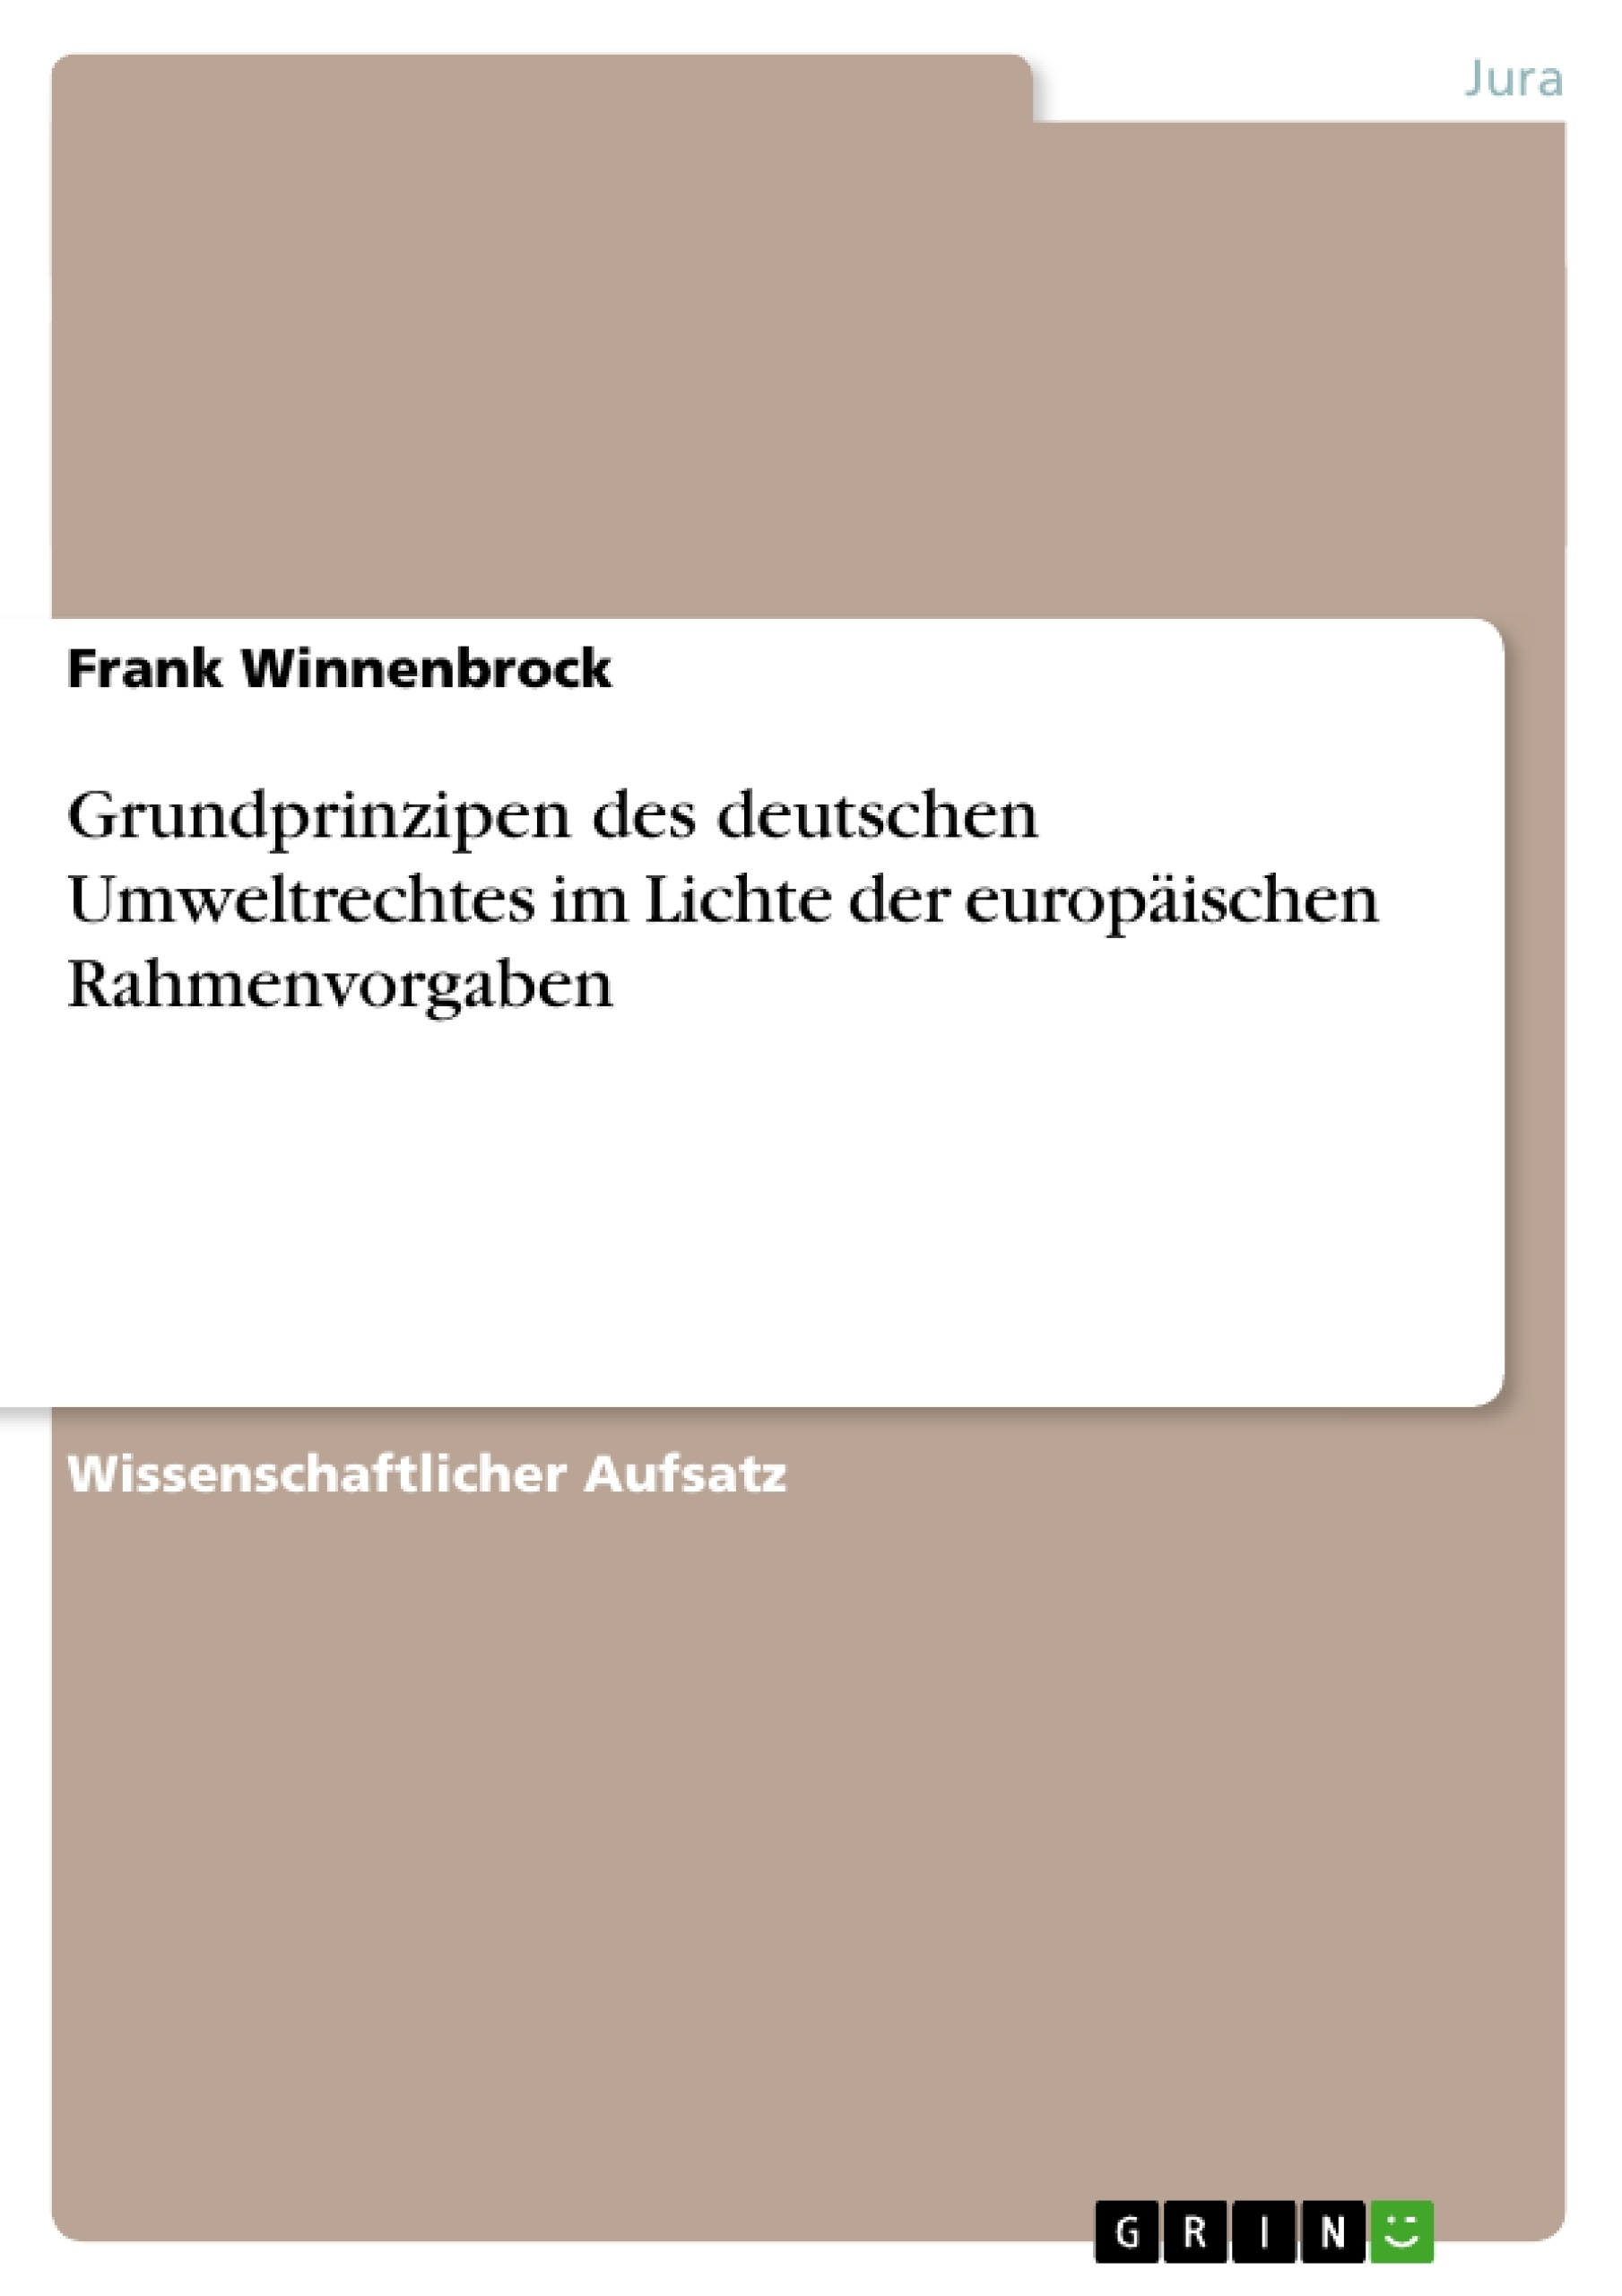 Titel: Grundprinzipen des deutschen Umweltrechtes im Lichte der europäischen Rahmenvorgaben